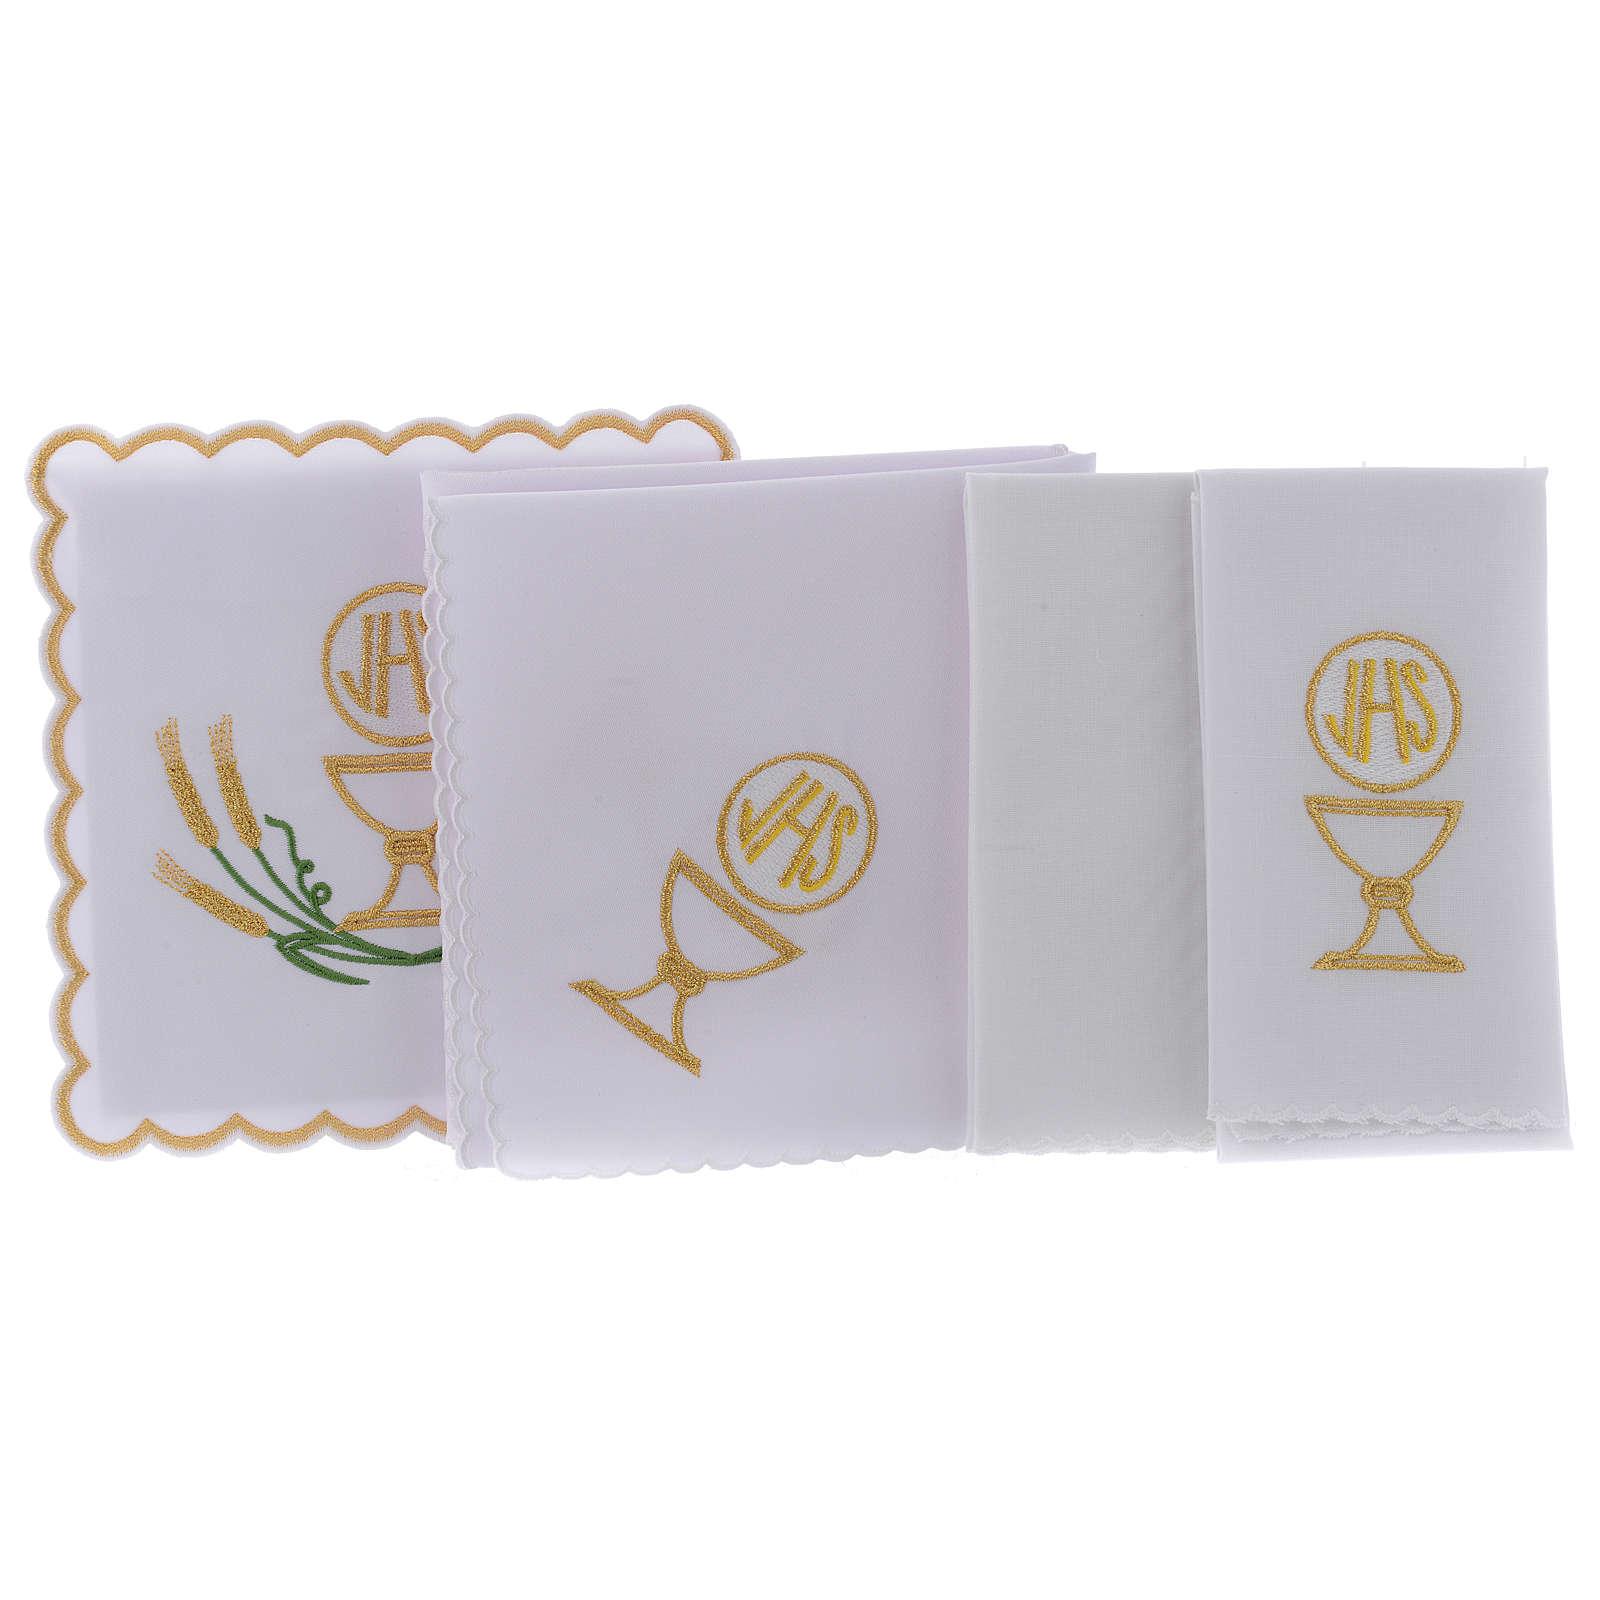 Linge autel coton épis stylisés jaune or vert calice IHS 4